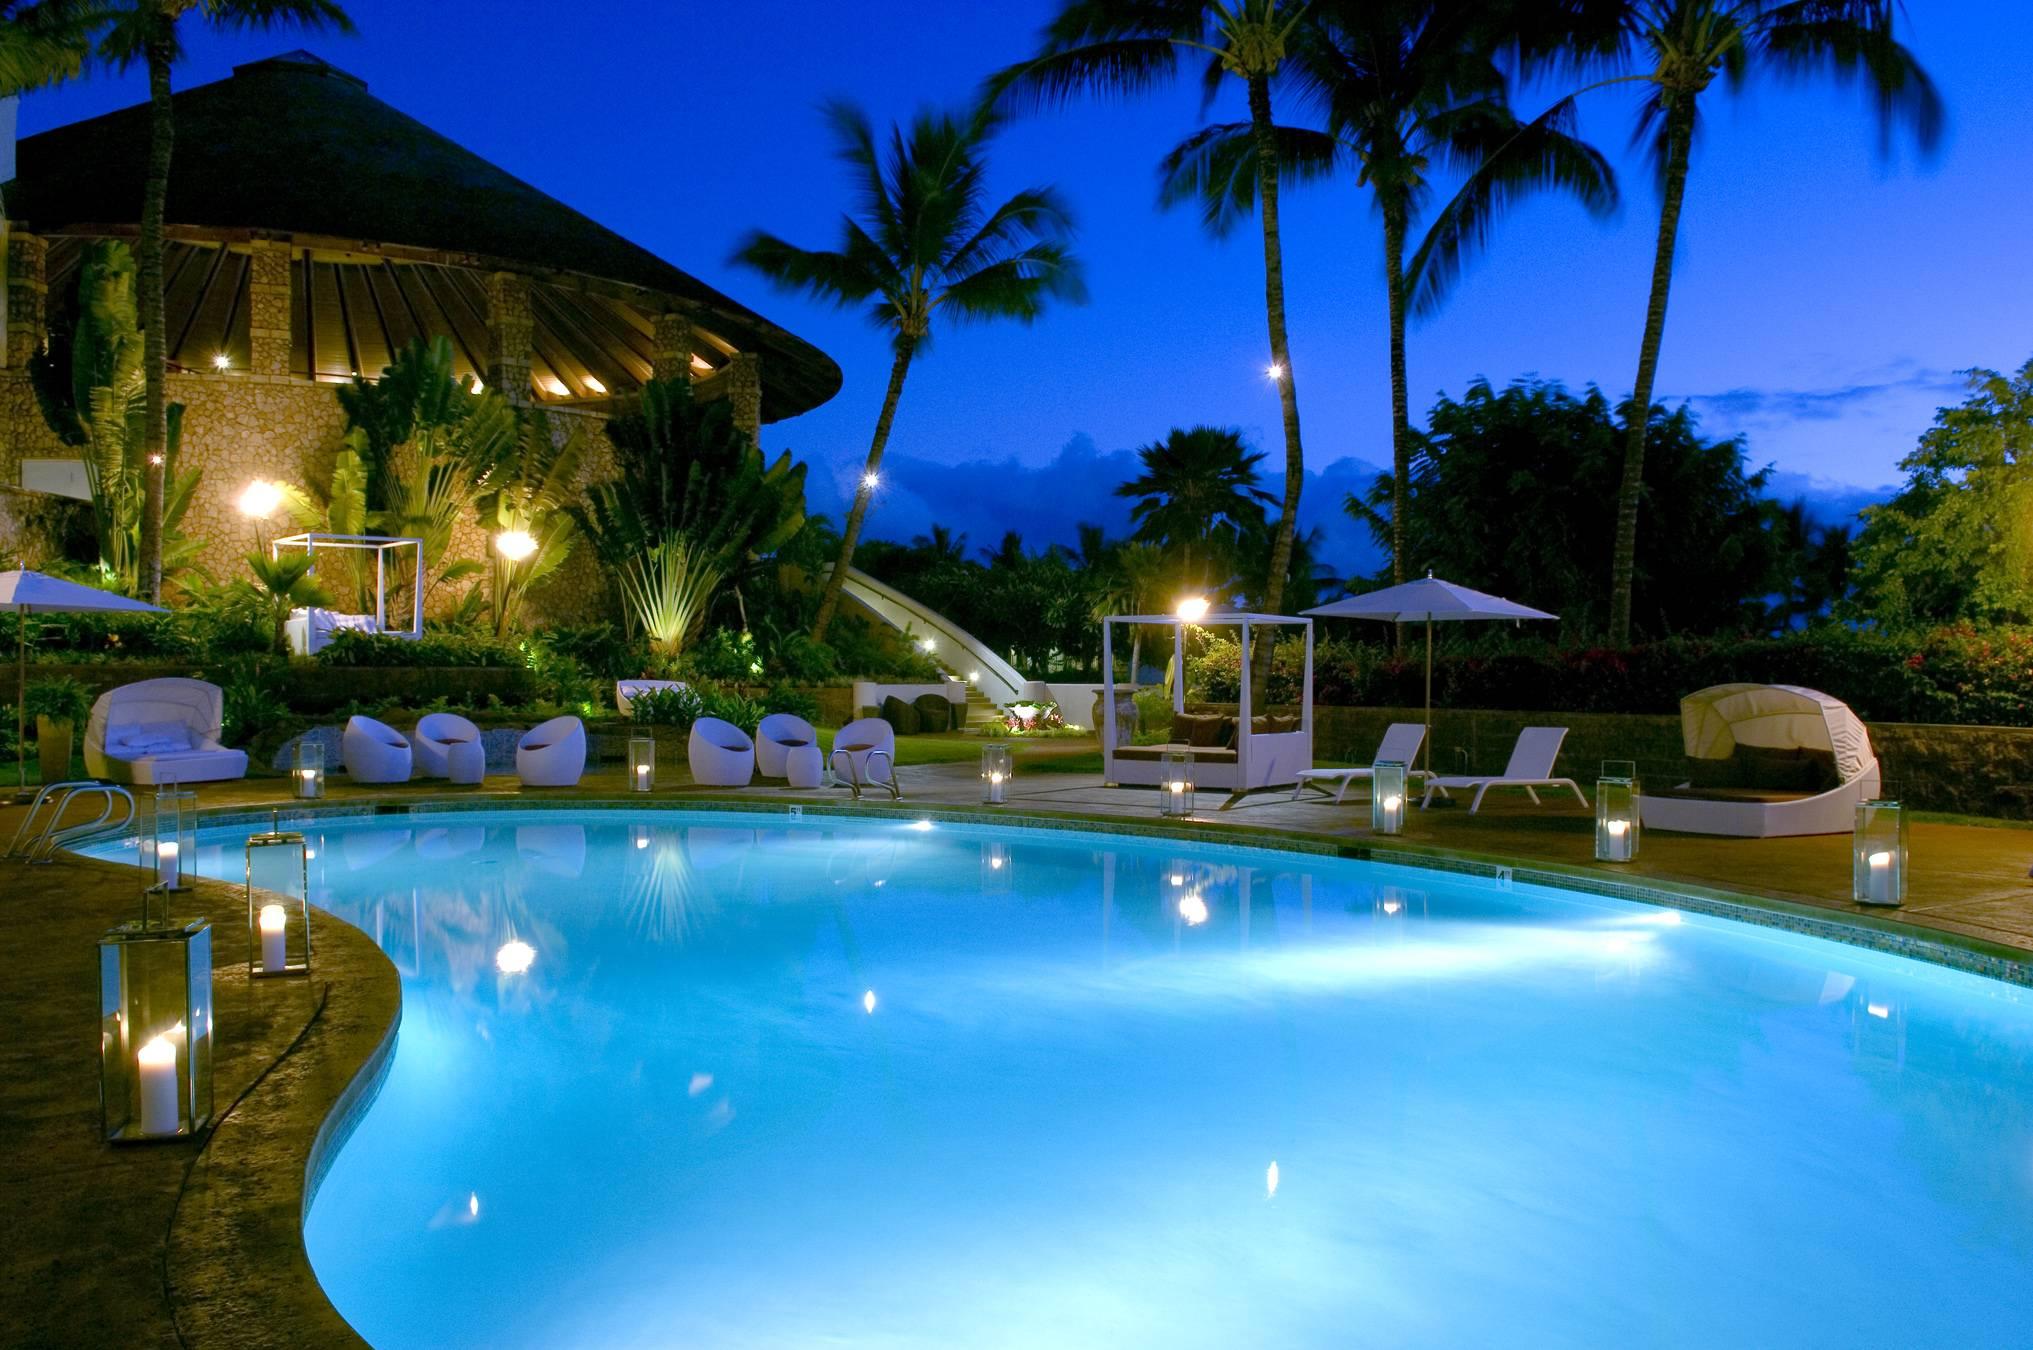 Hotel Wailea/Pool Area